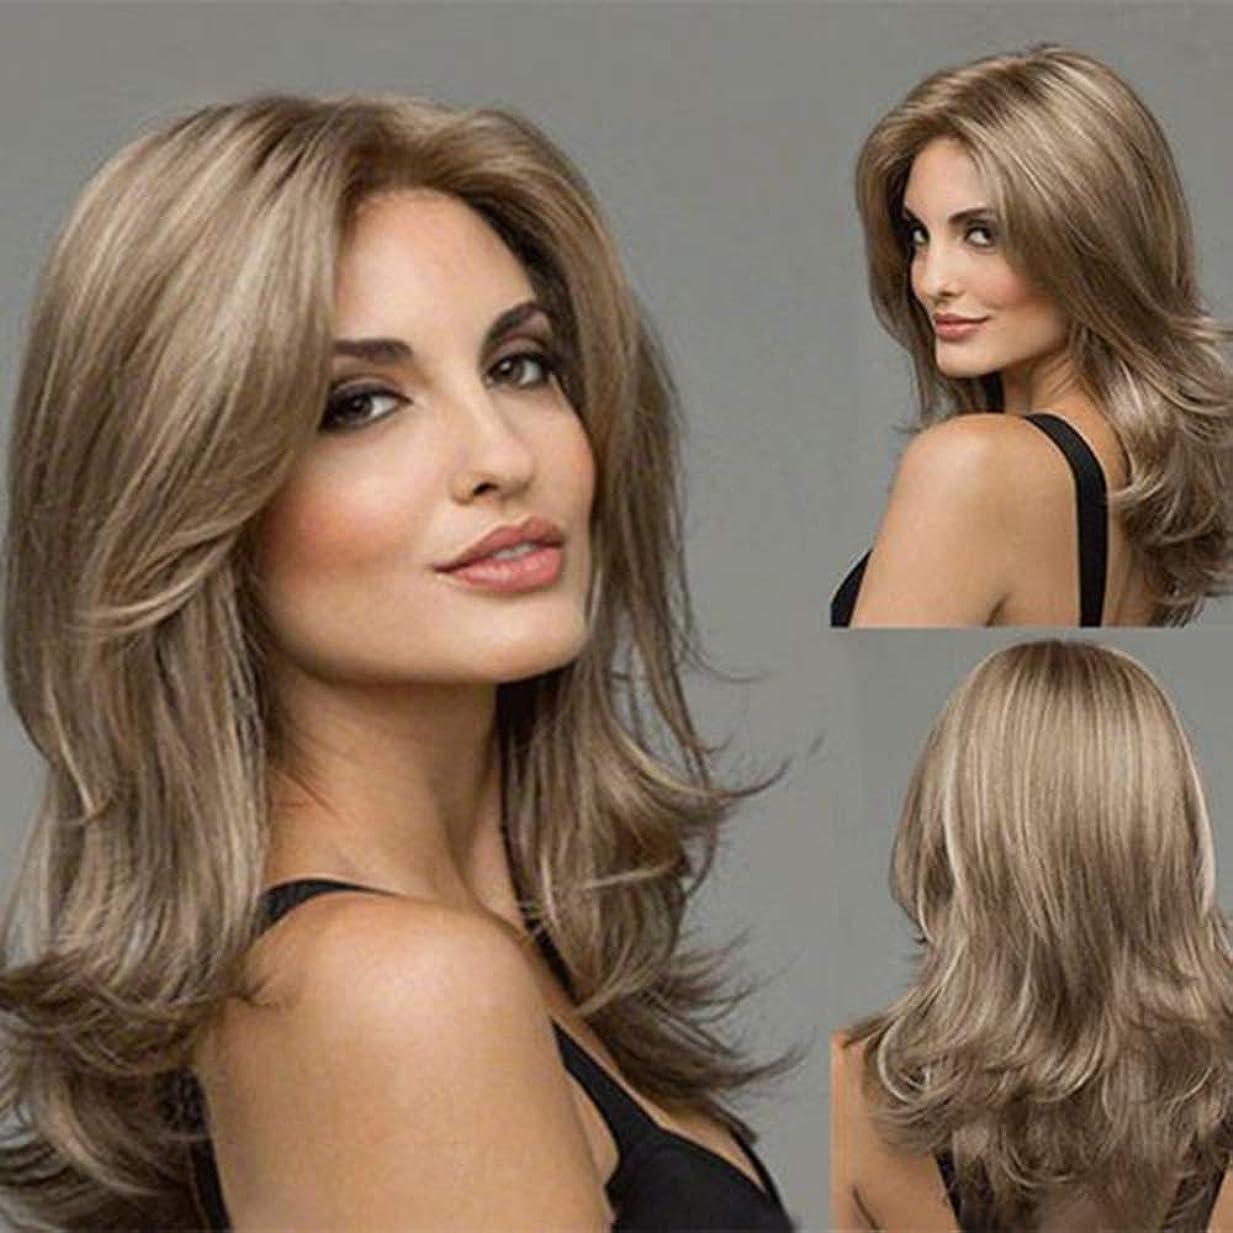 できた絵見習いZXF 新しいヨーロッパとアメリカのかつら女性のグラデーション波状の長い巻き毛のバラ純金かつらセット 美しい